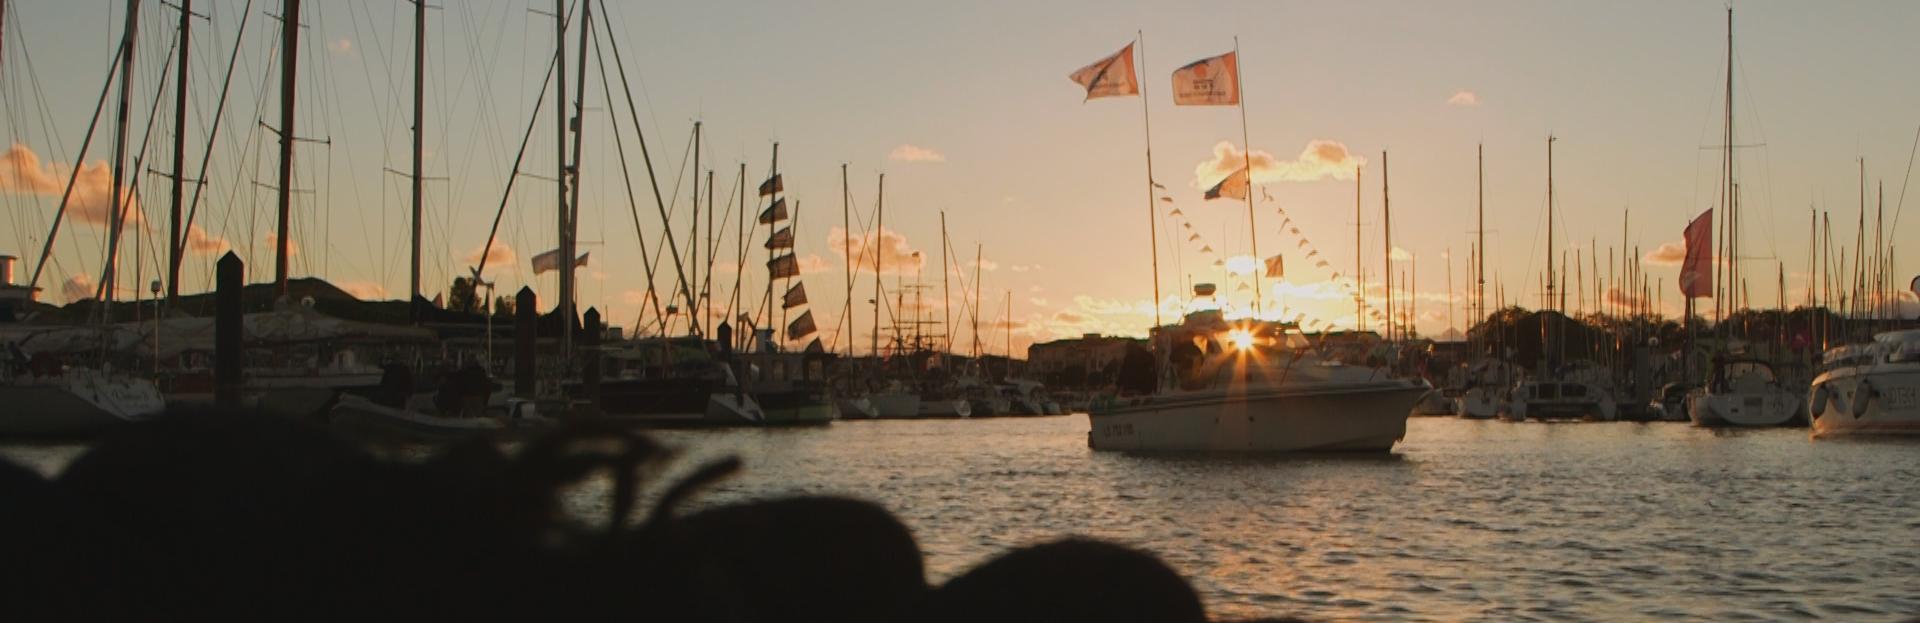 vendée, globe, course, bateau, voilier, skipper